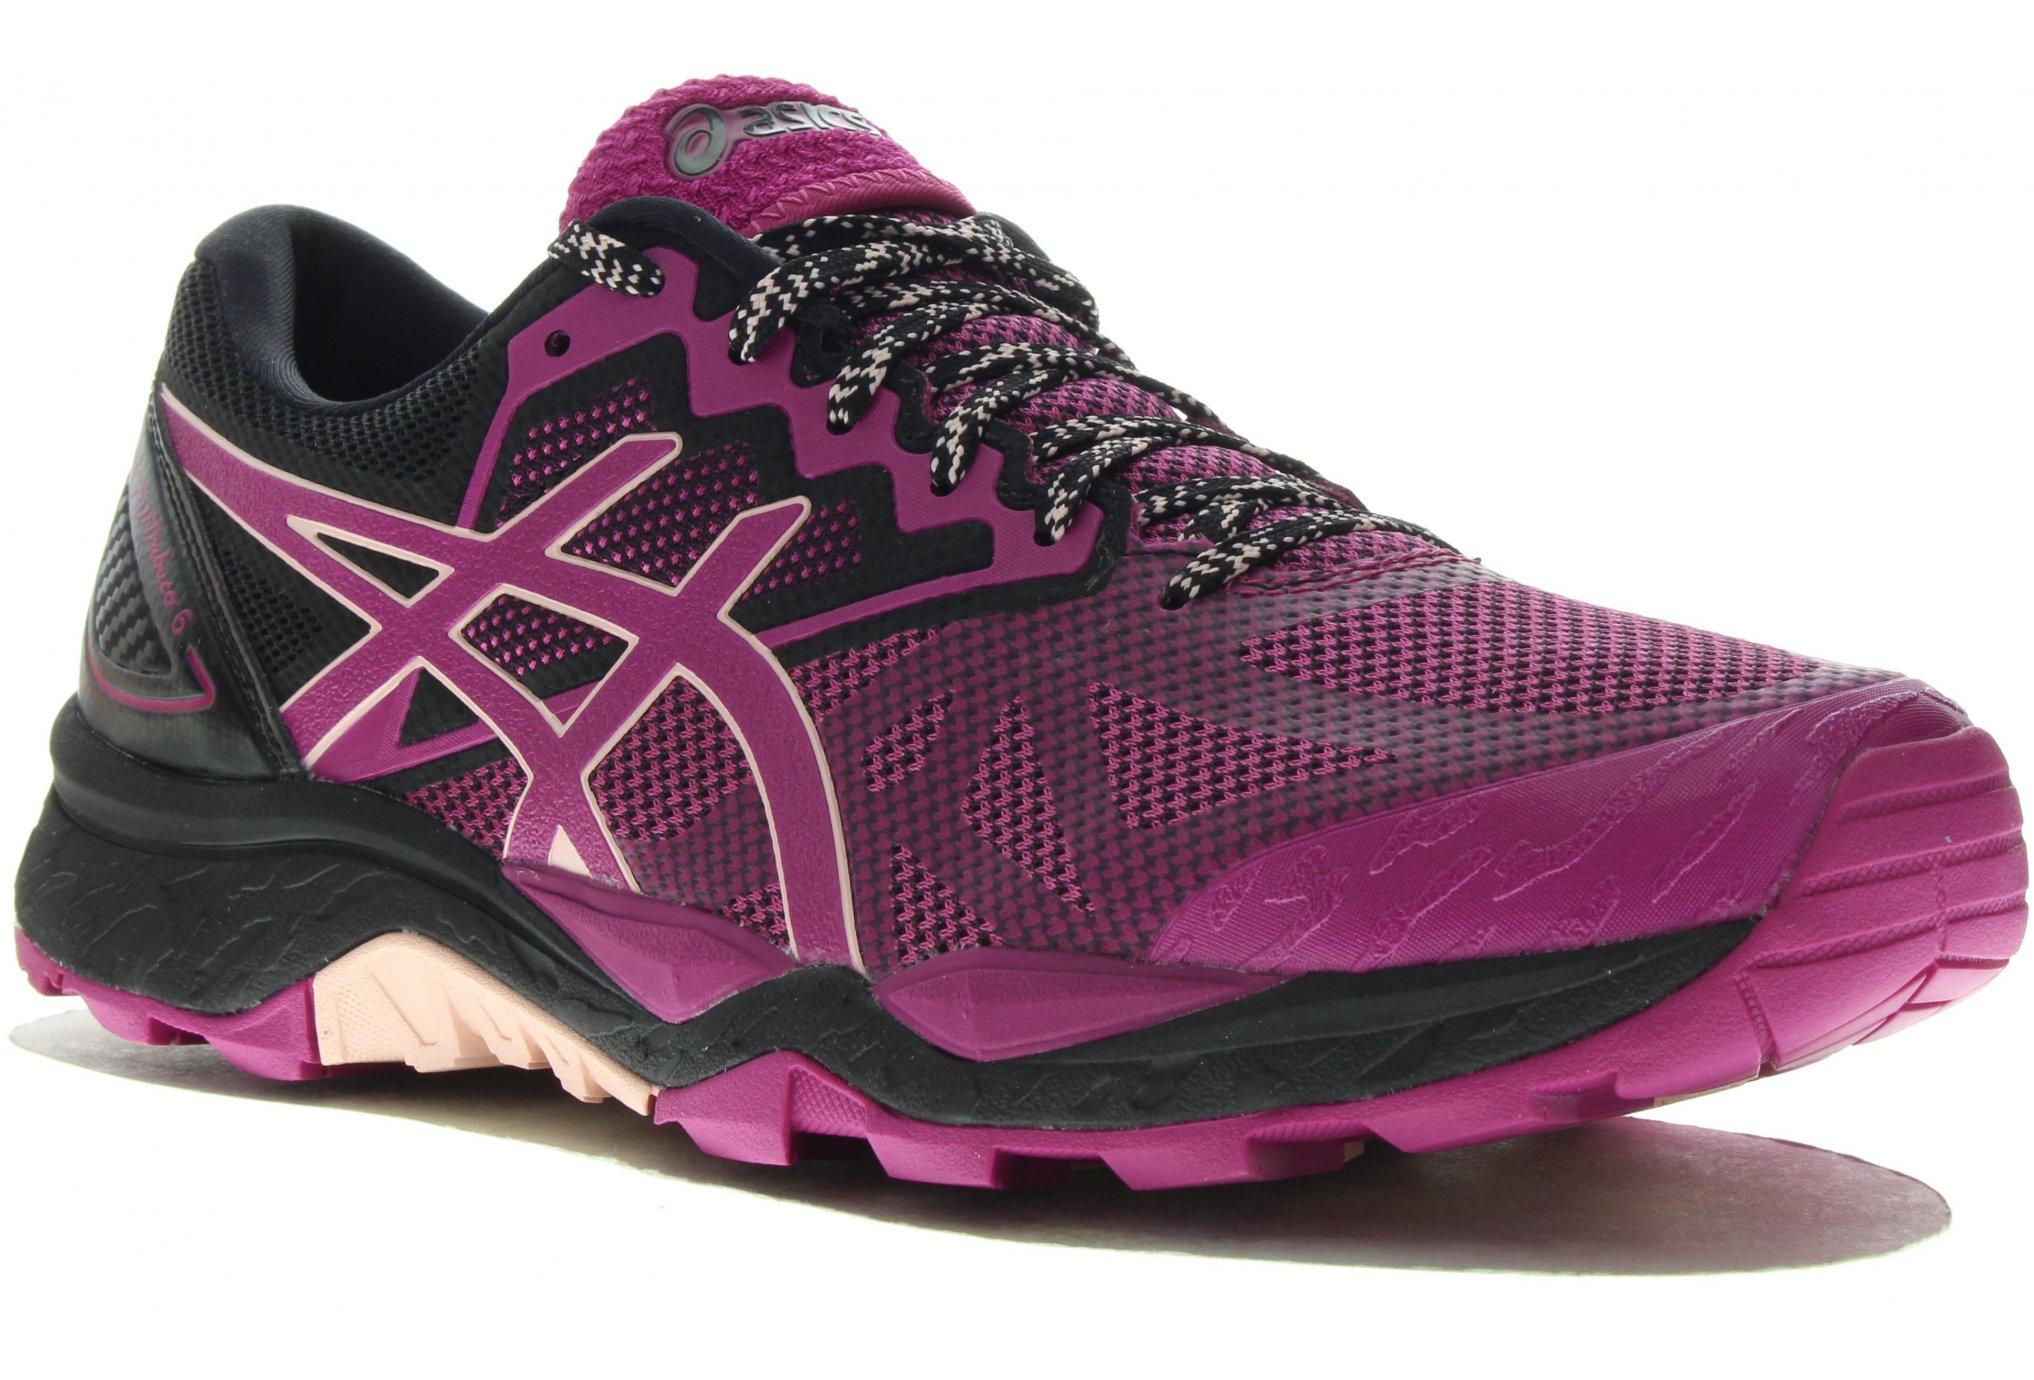 991791f9a4c1 Asics Gel FujiTrabuco 6 W Chaussures running femme